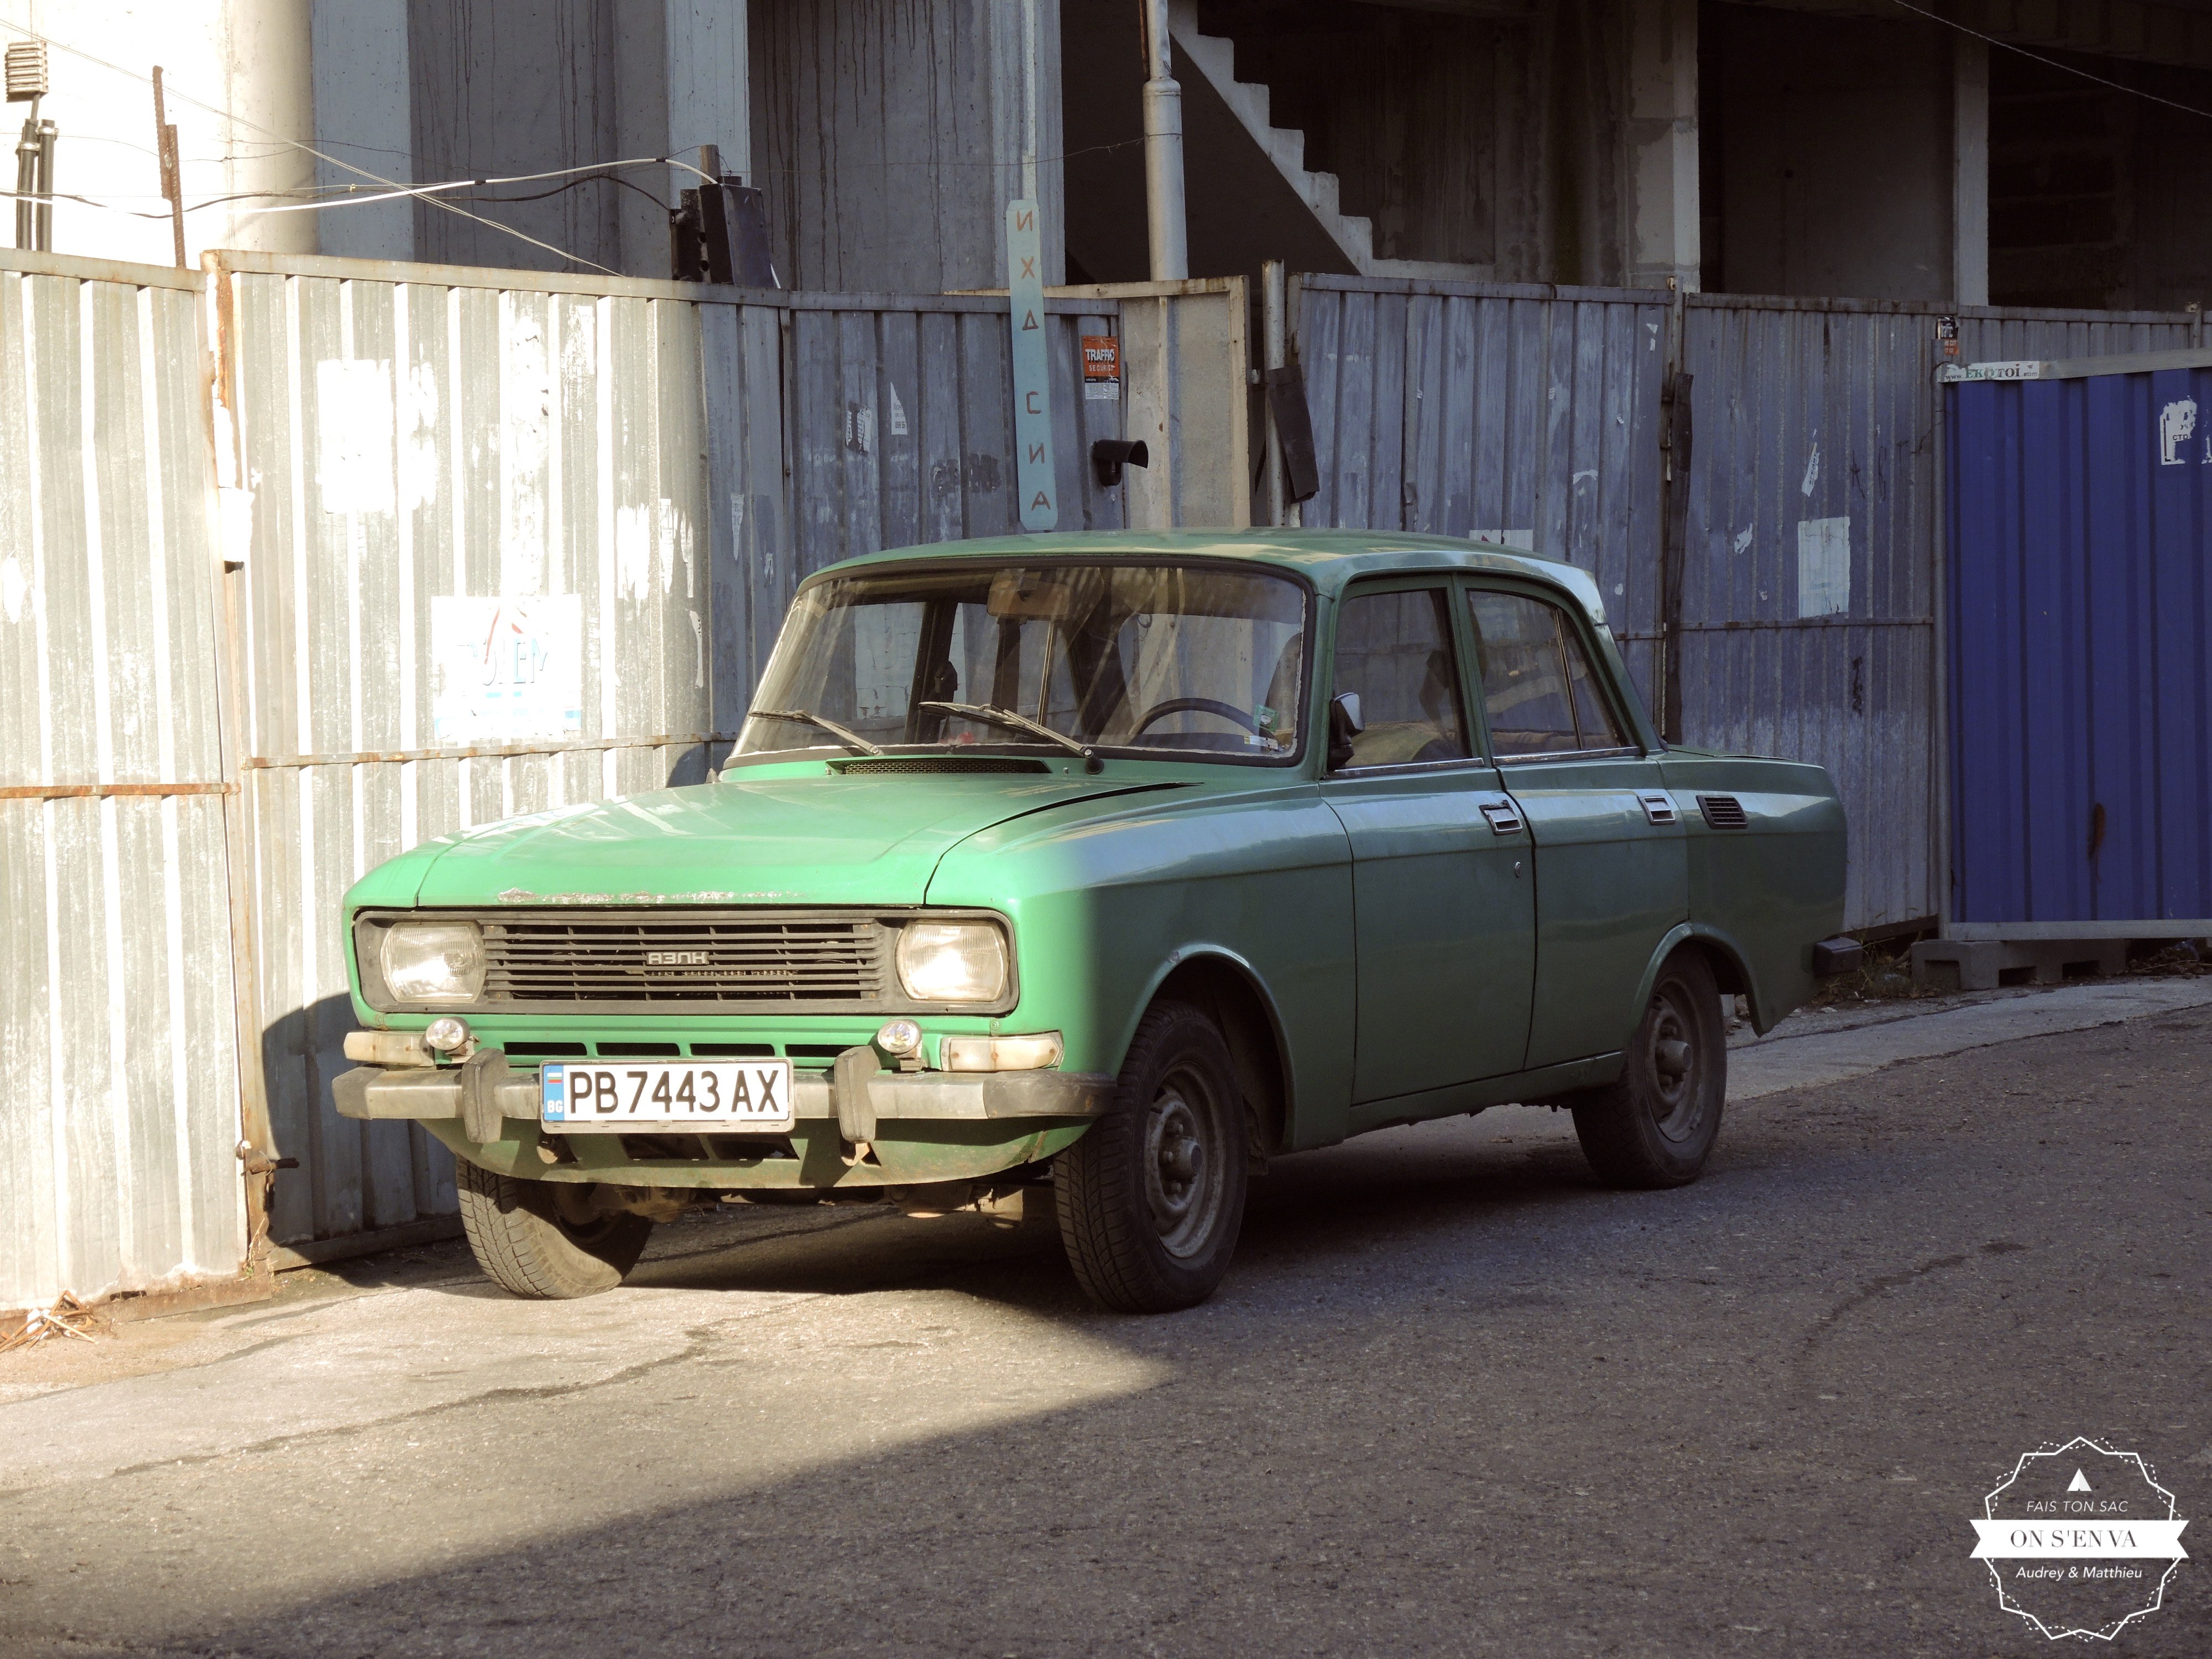 Increvable la voiture soviétique